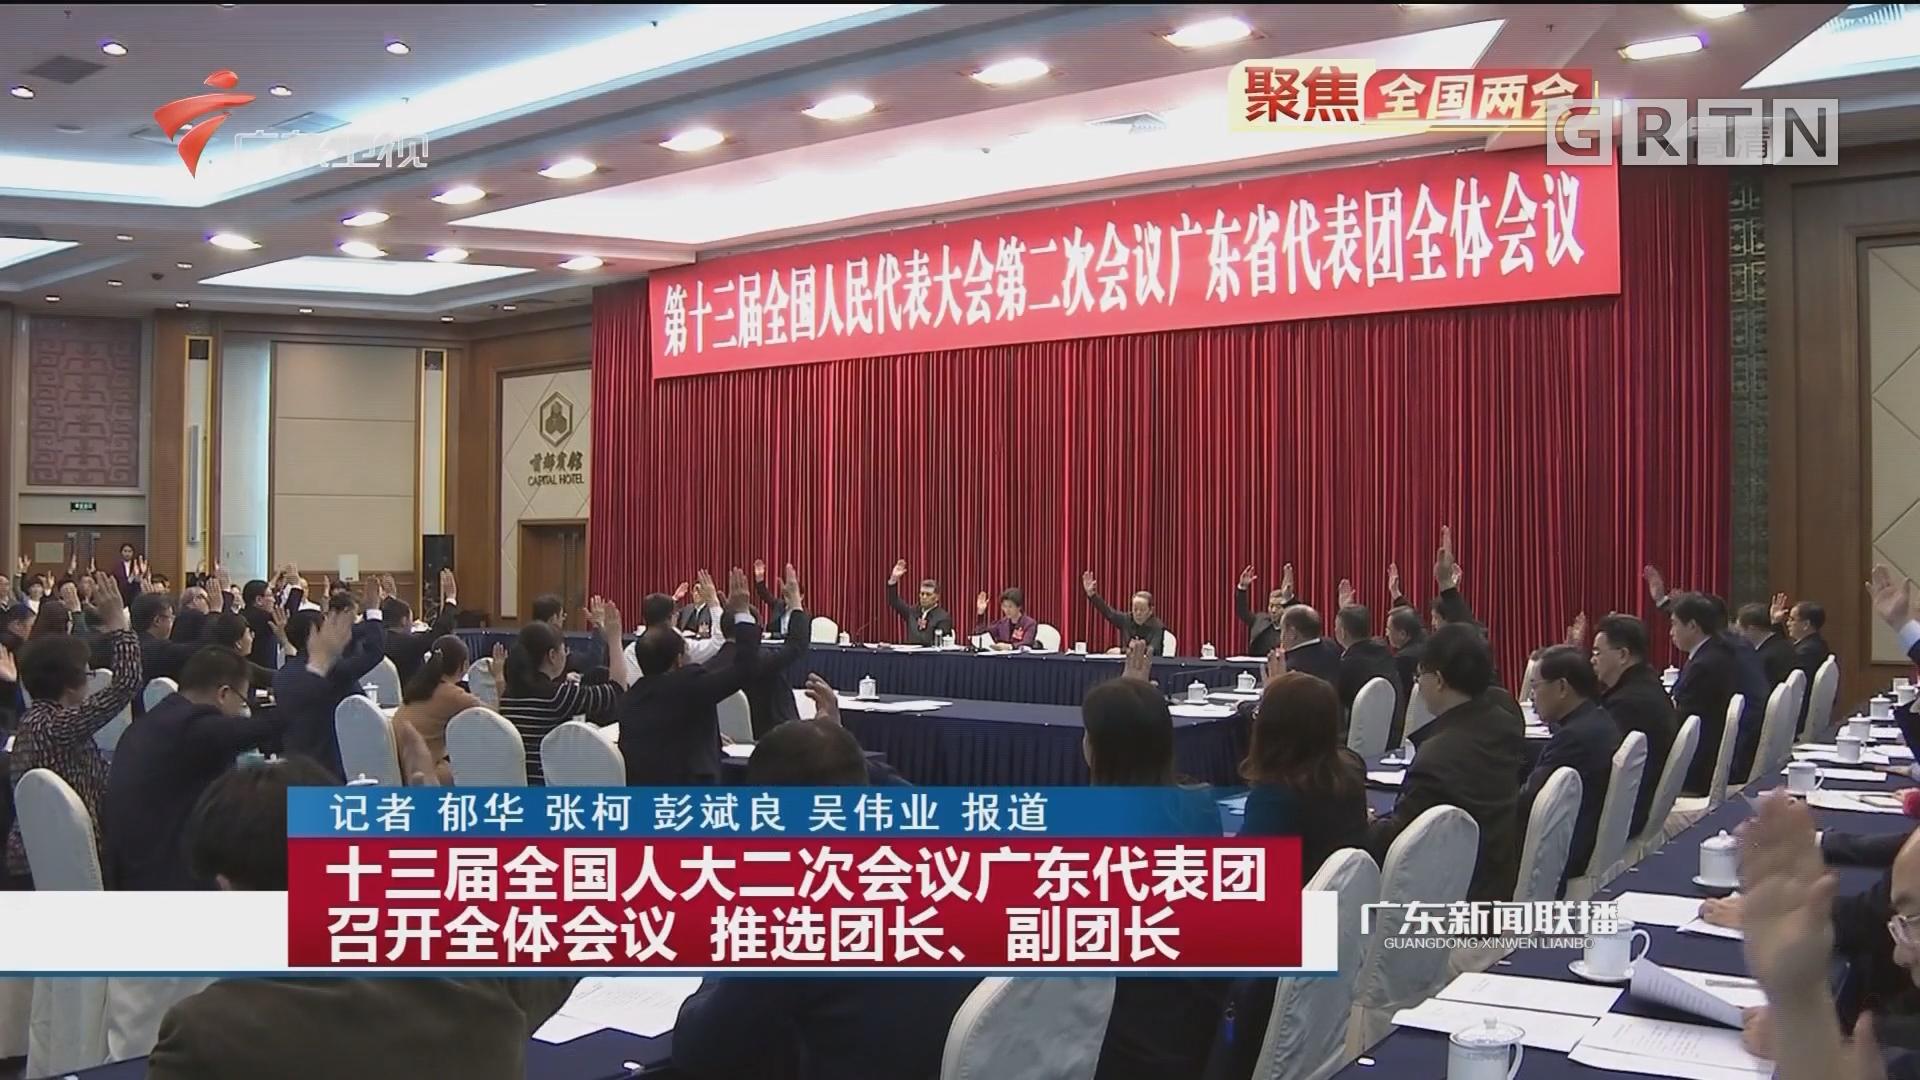 十三届全国人大二次会议广东代表团召开全体会议 推选团长、副团长